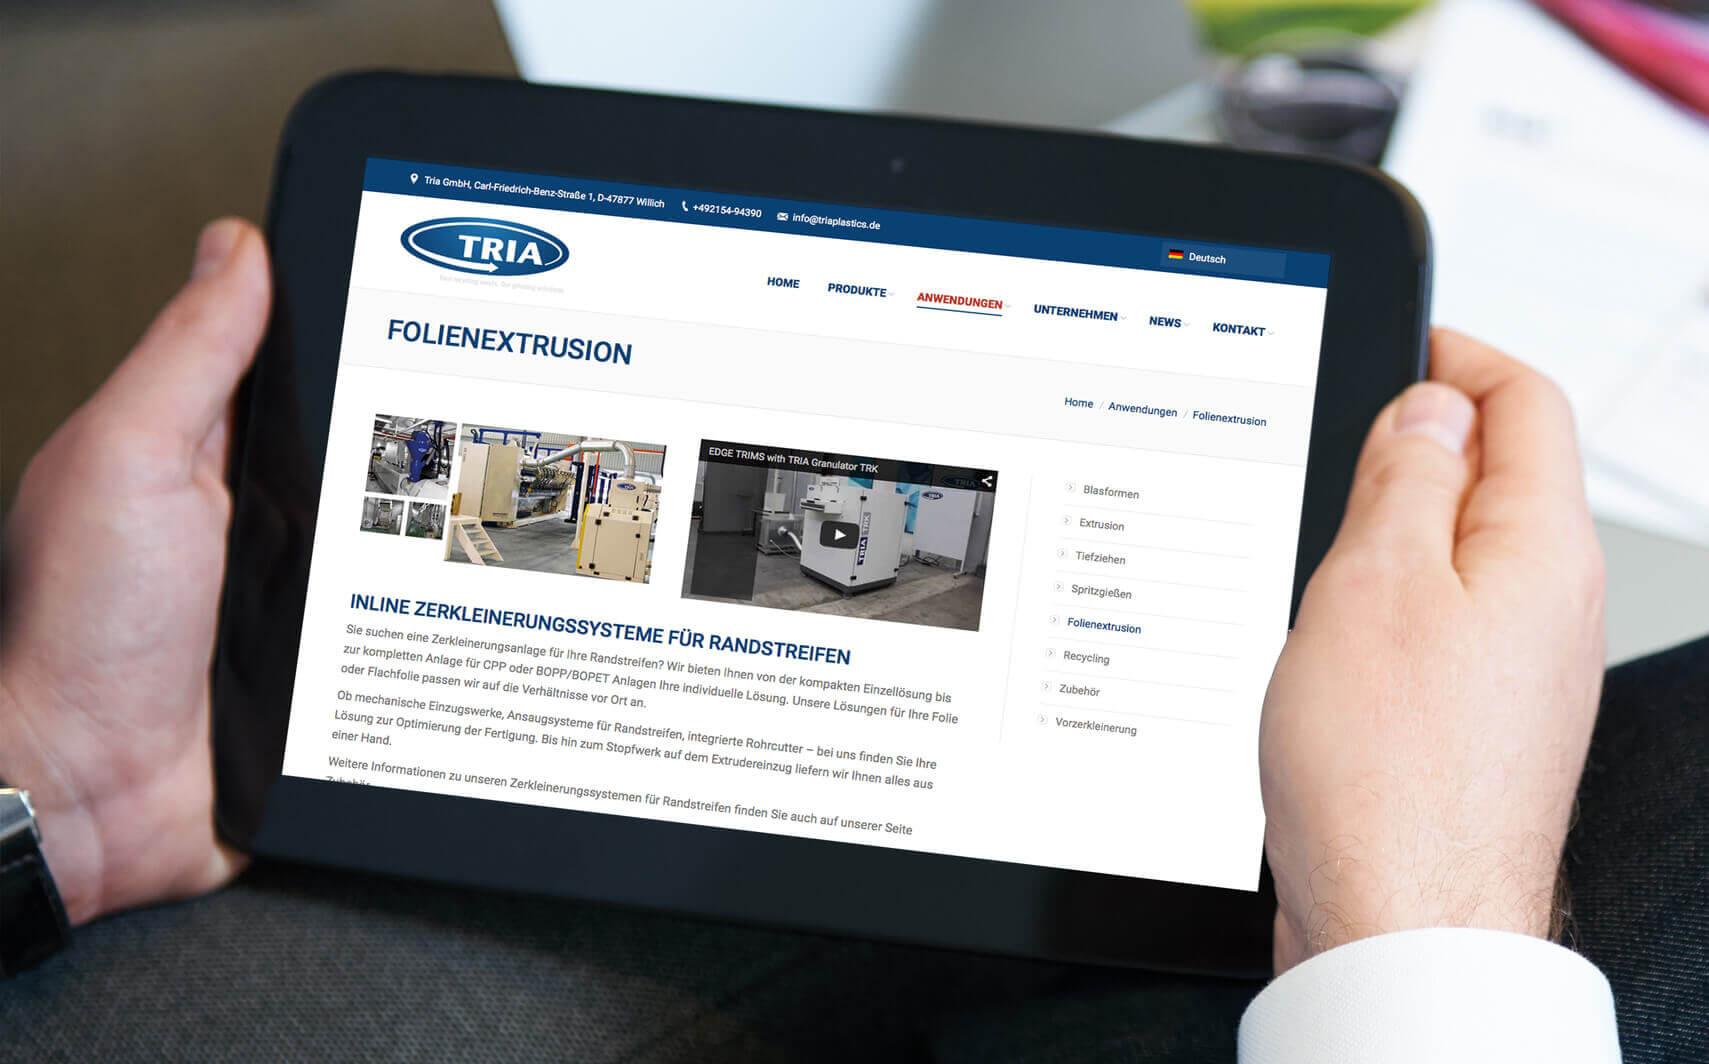 Online Referenz TRIA Website